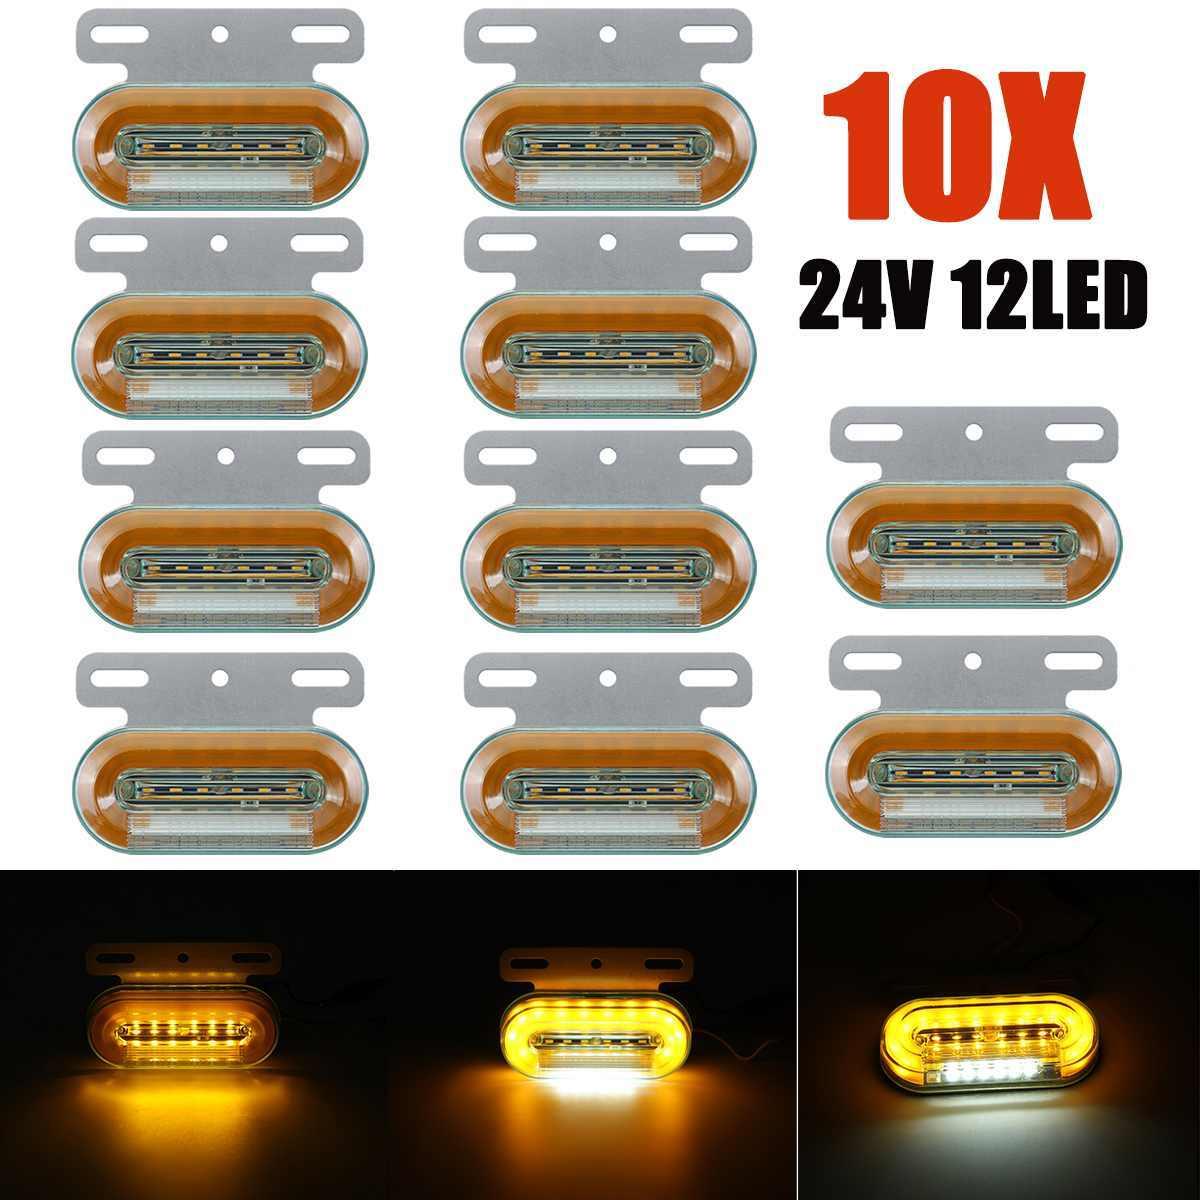 10 pièces 24V 12 LED voiture camion côté feux de position voiture feux externes Signal indicateur lampe avertissement feu arrière 3 Modes remorque camion